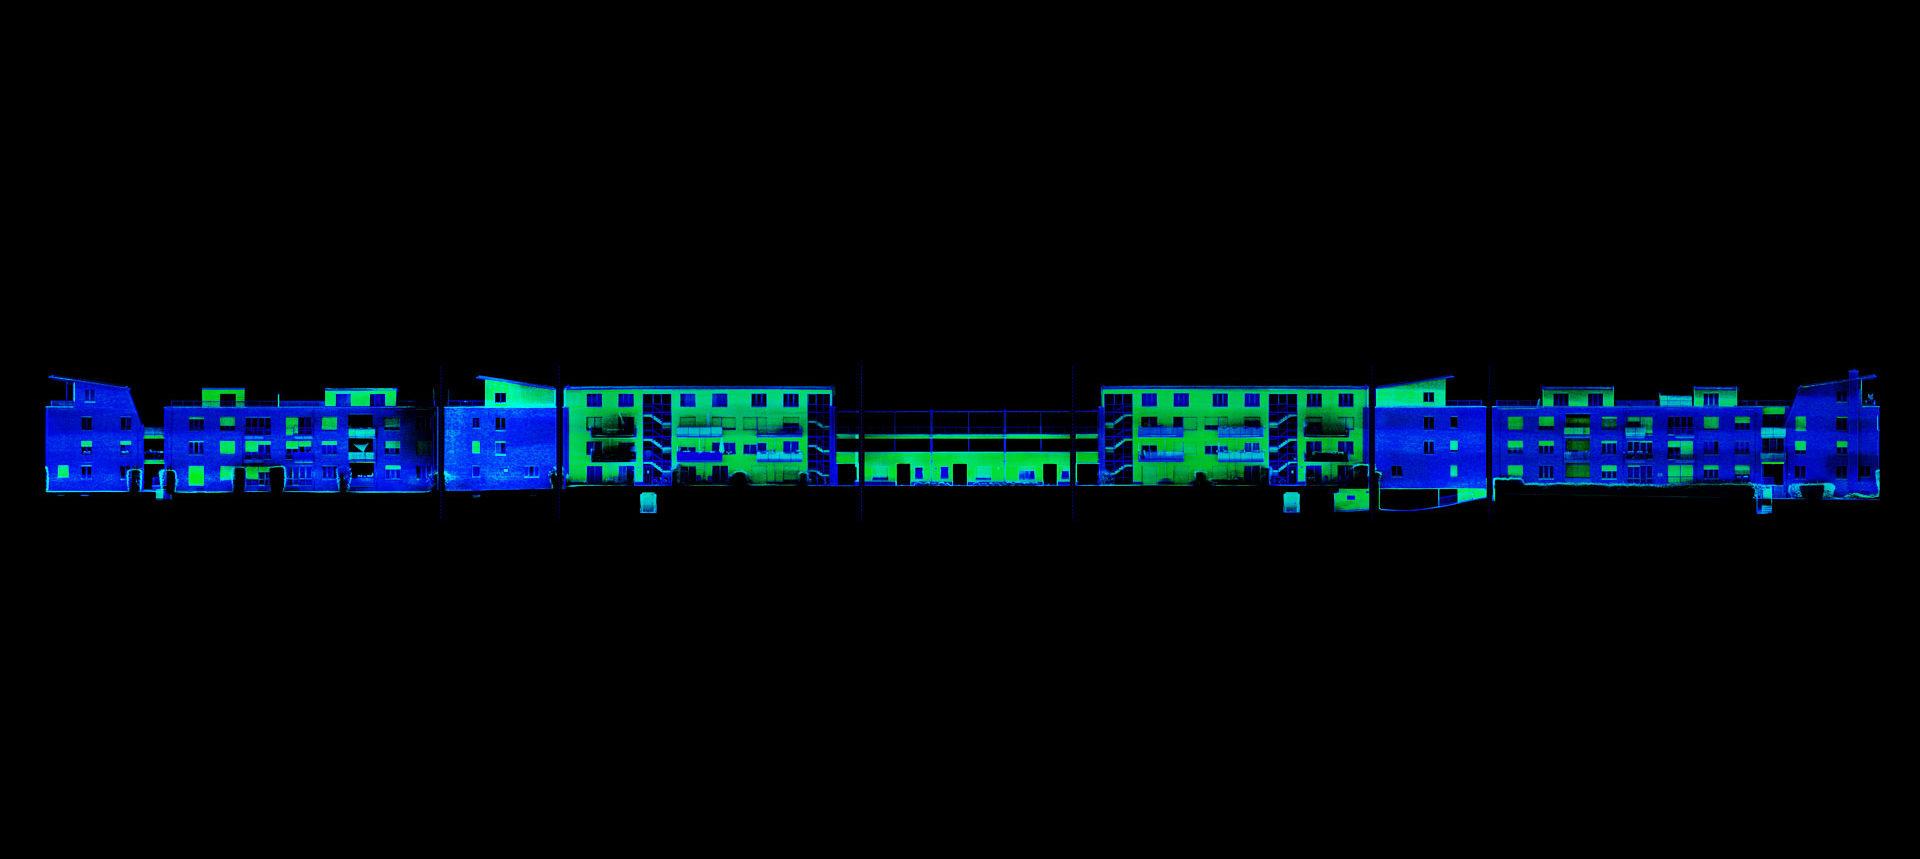 Fassade-3DLaserscan_01